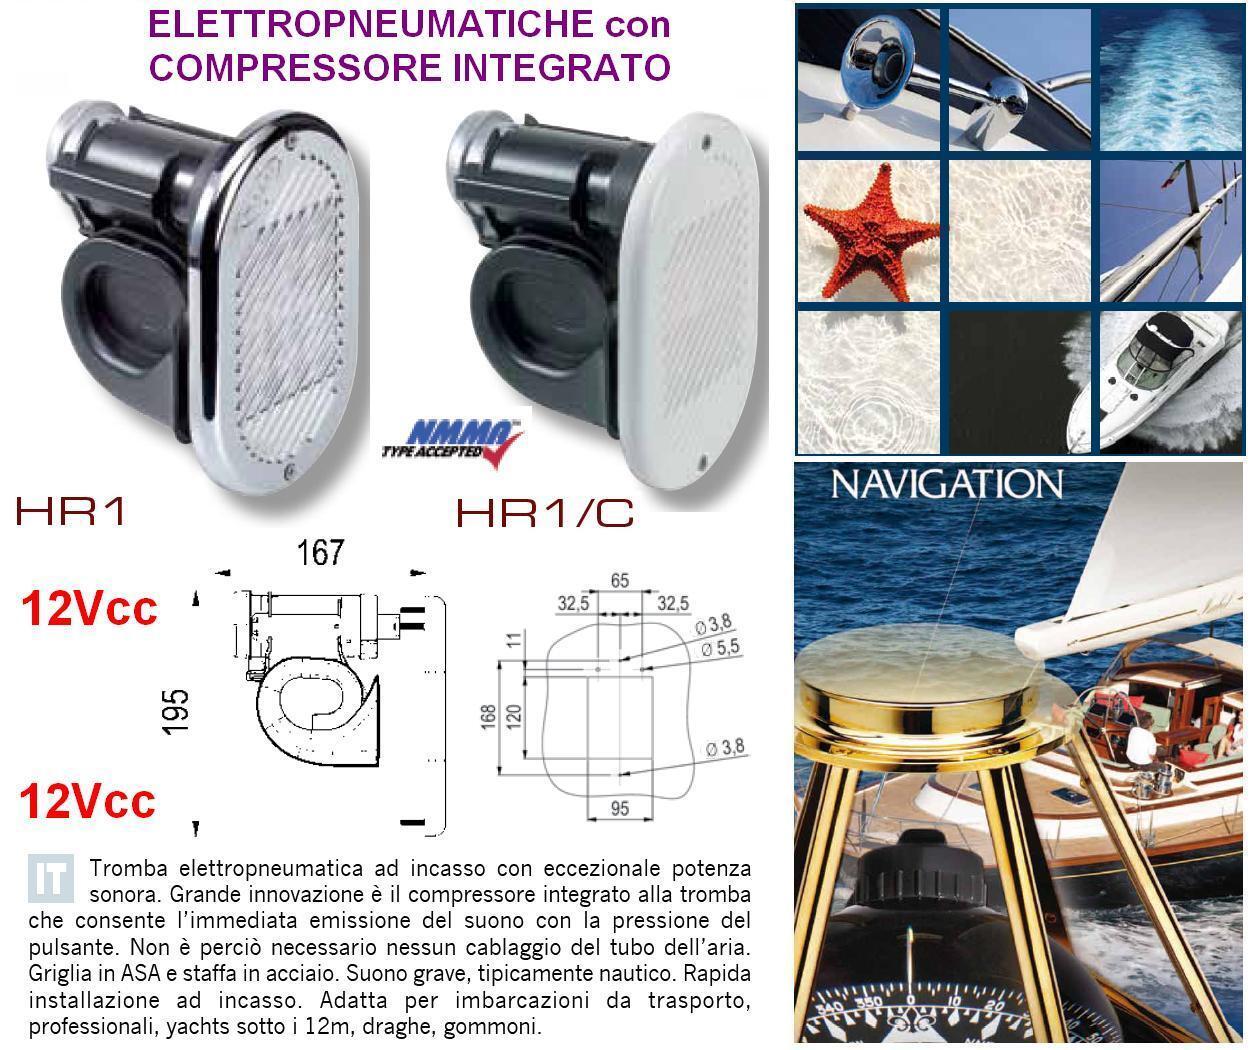 Trompete MARINA Einbau Chrom Pneumatisch mit Kompressor integriert Stiefel HR1C